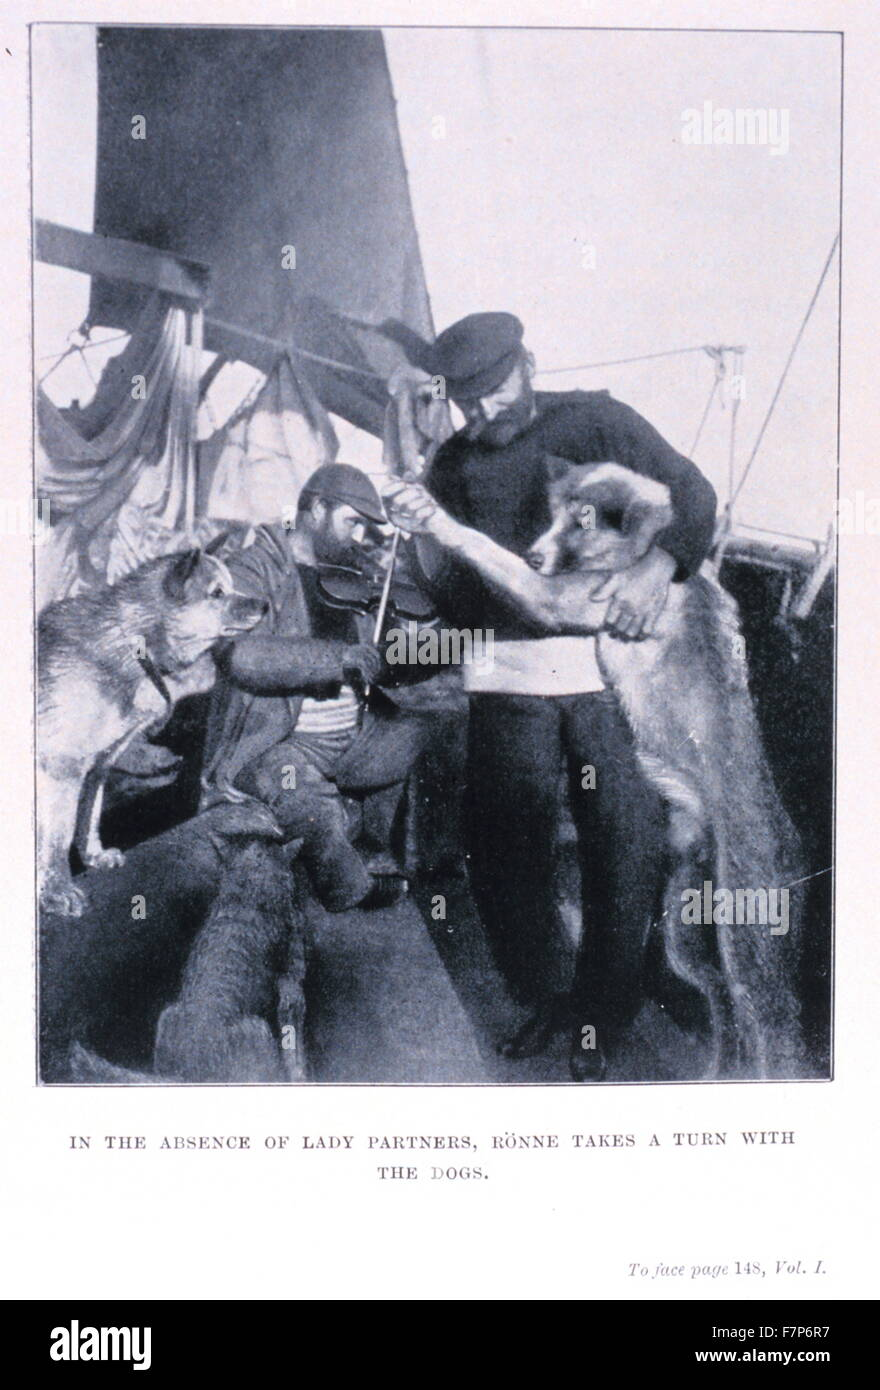 """Ronne prend un tour avec les chiens."""" Dans: 'Le Pôle Sud', par Roald Amundsen, 1872-1928. Photo Stock"""